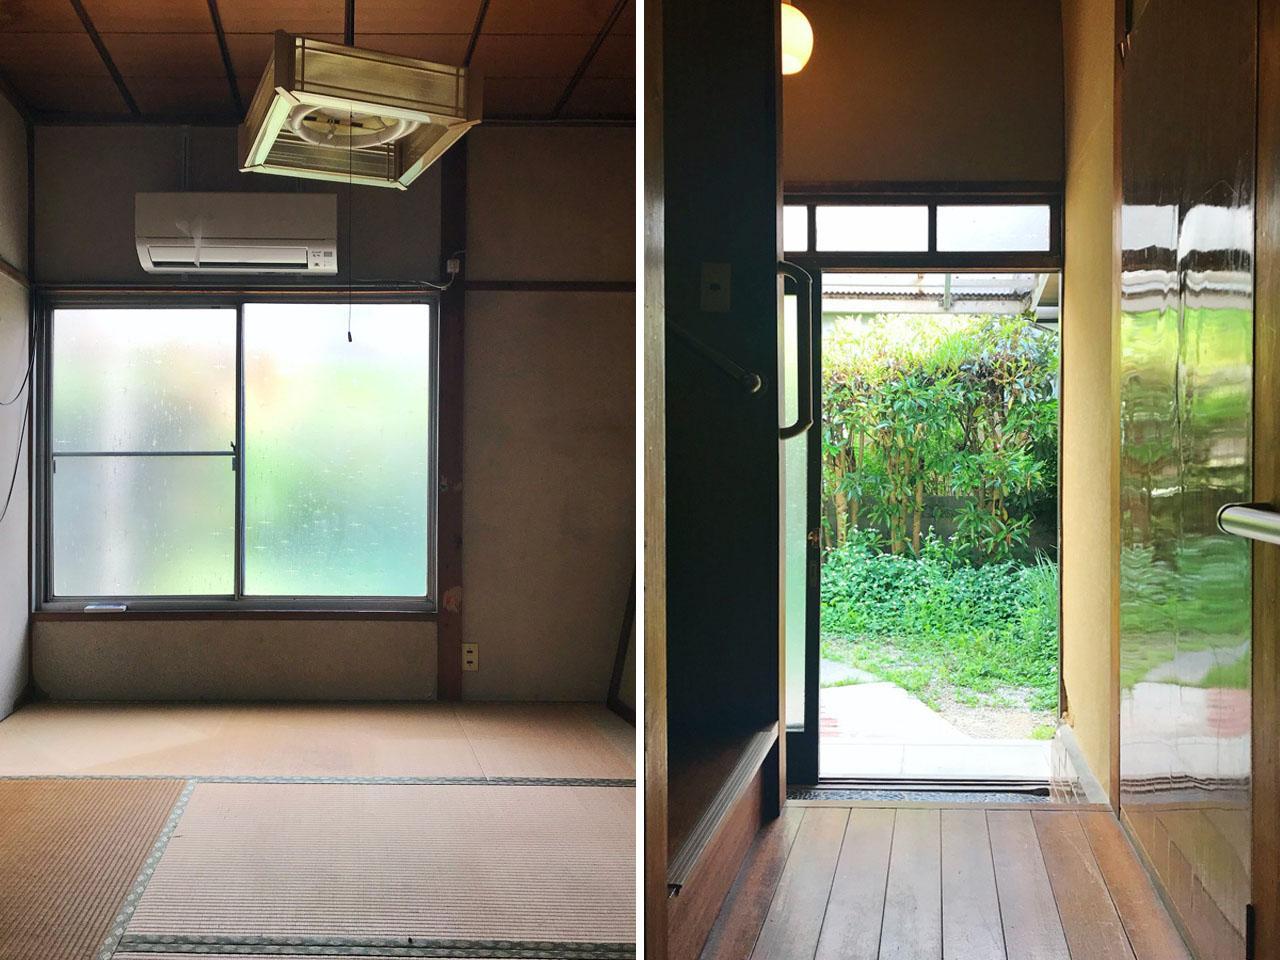 窓越しに緑を感じられる家です